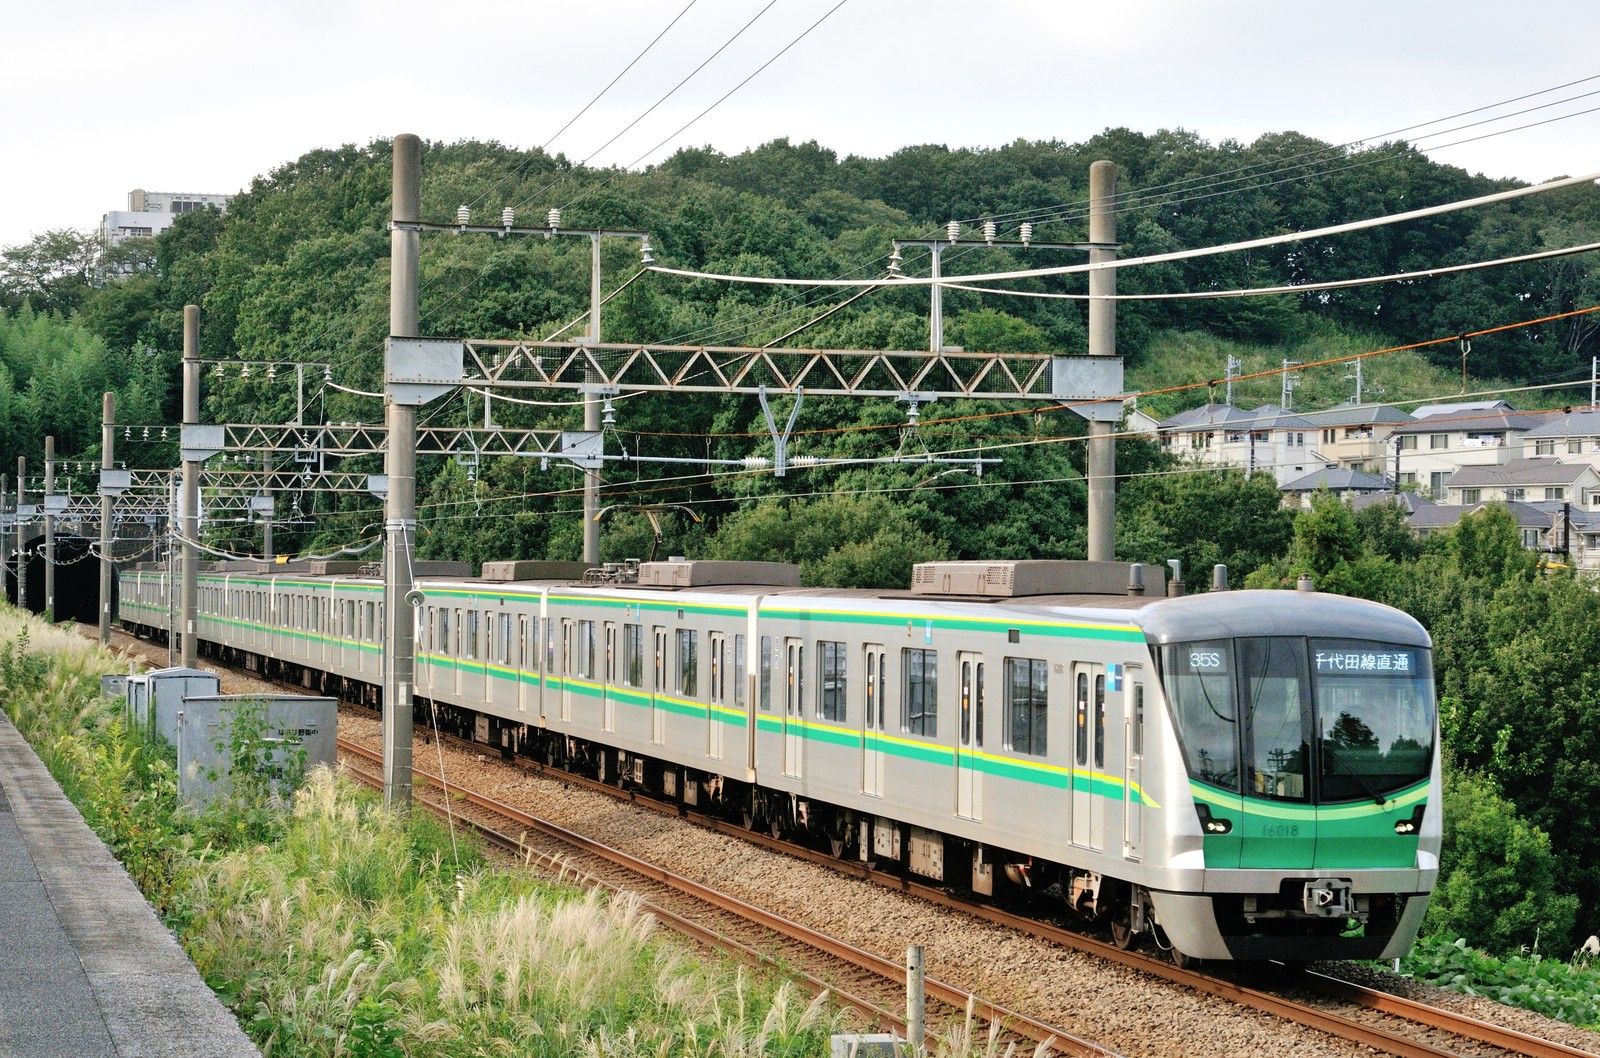 千代田信号所 - JapaneseClass.jp